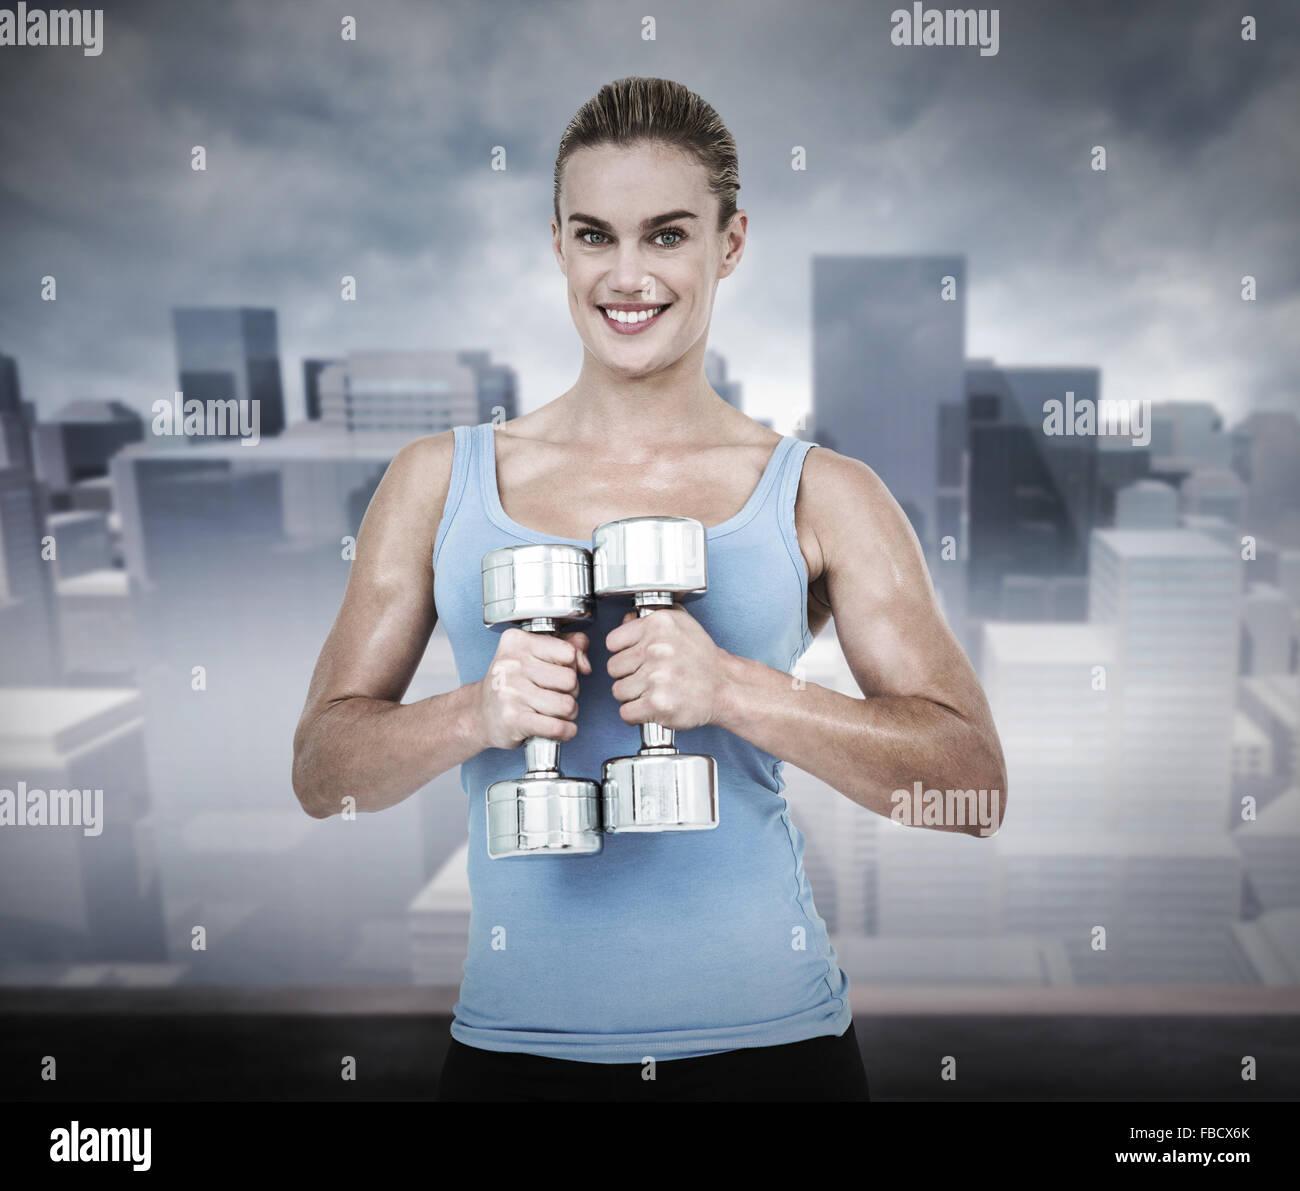 Imagen compuesta de mujer muscular el ejercicio con pesas Imagen De Stock